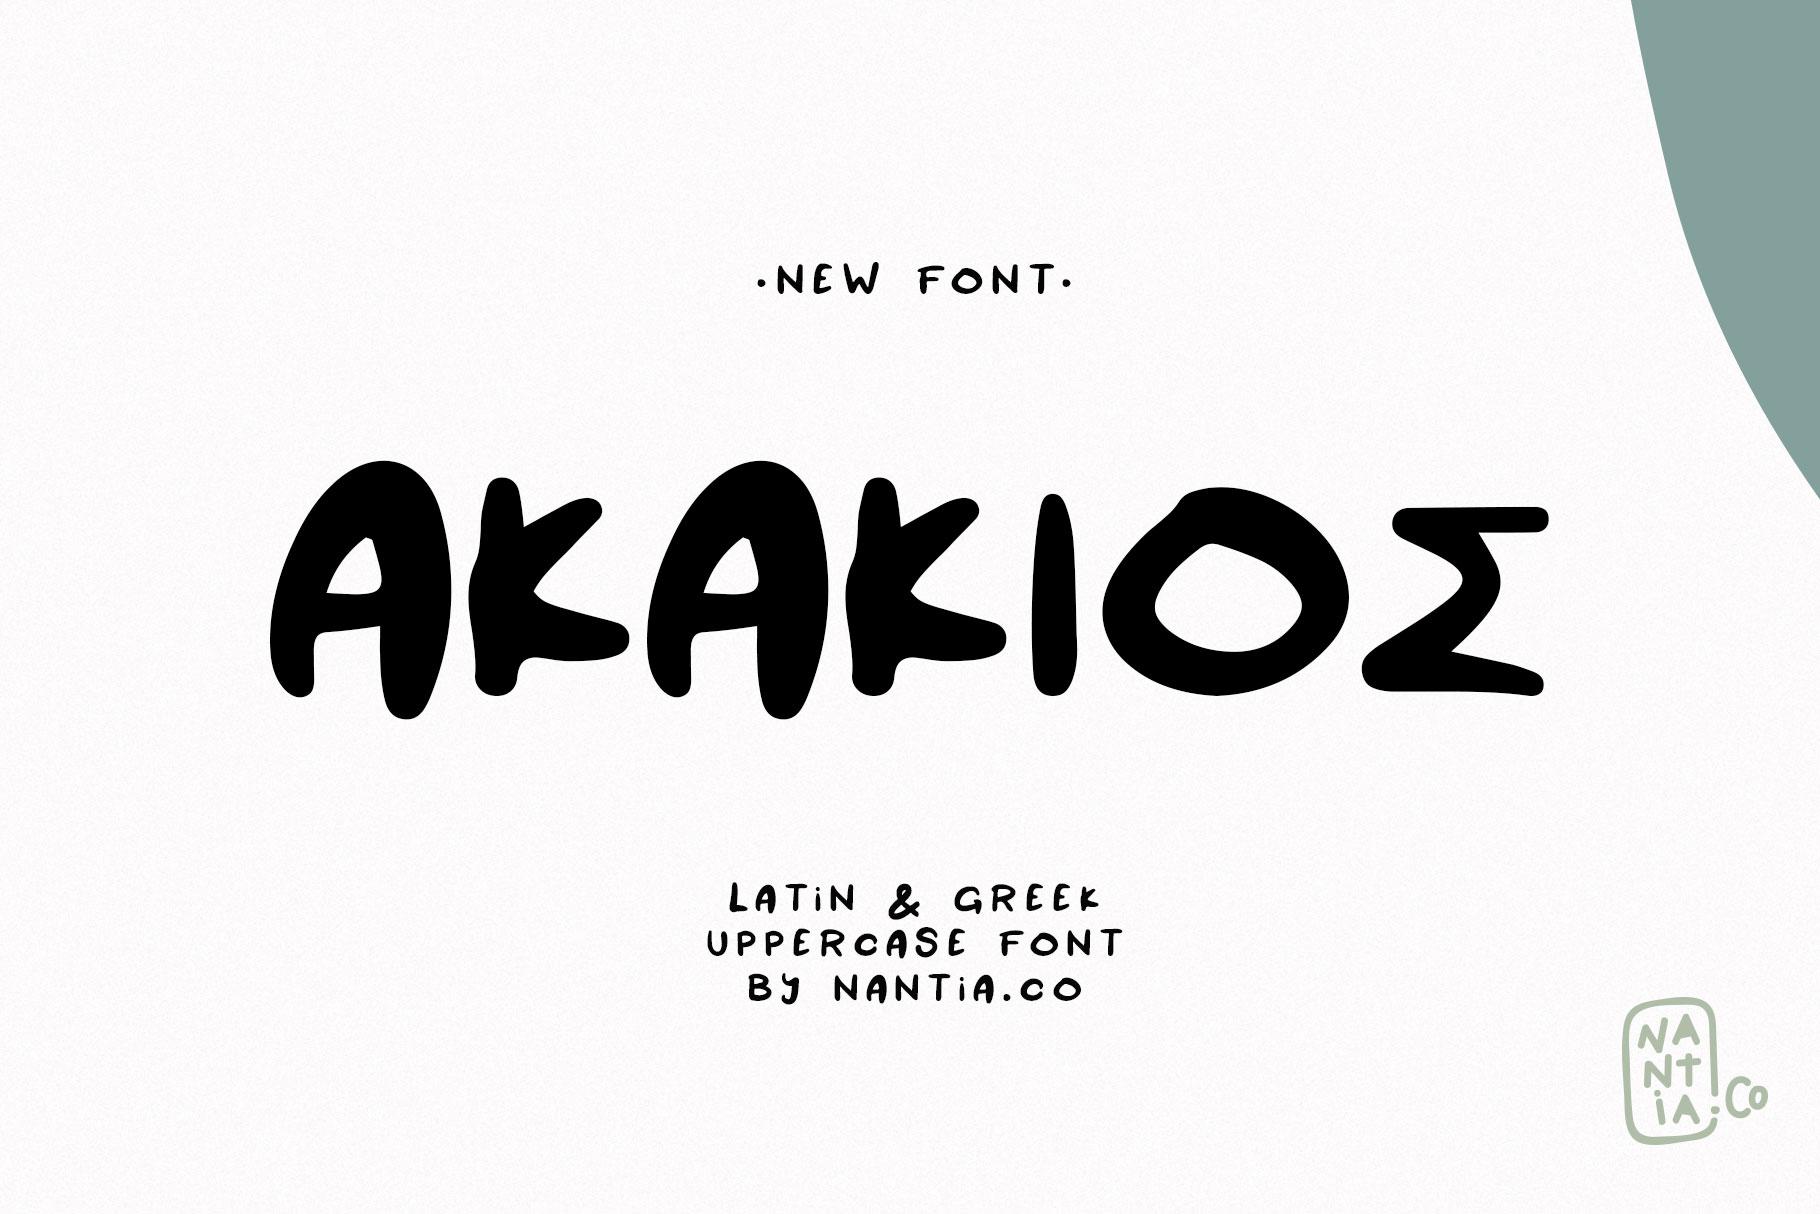 AKAKIOS UPPERCASE FONT example image 7